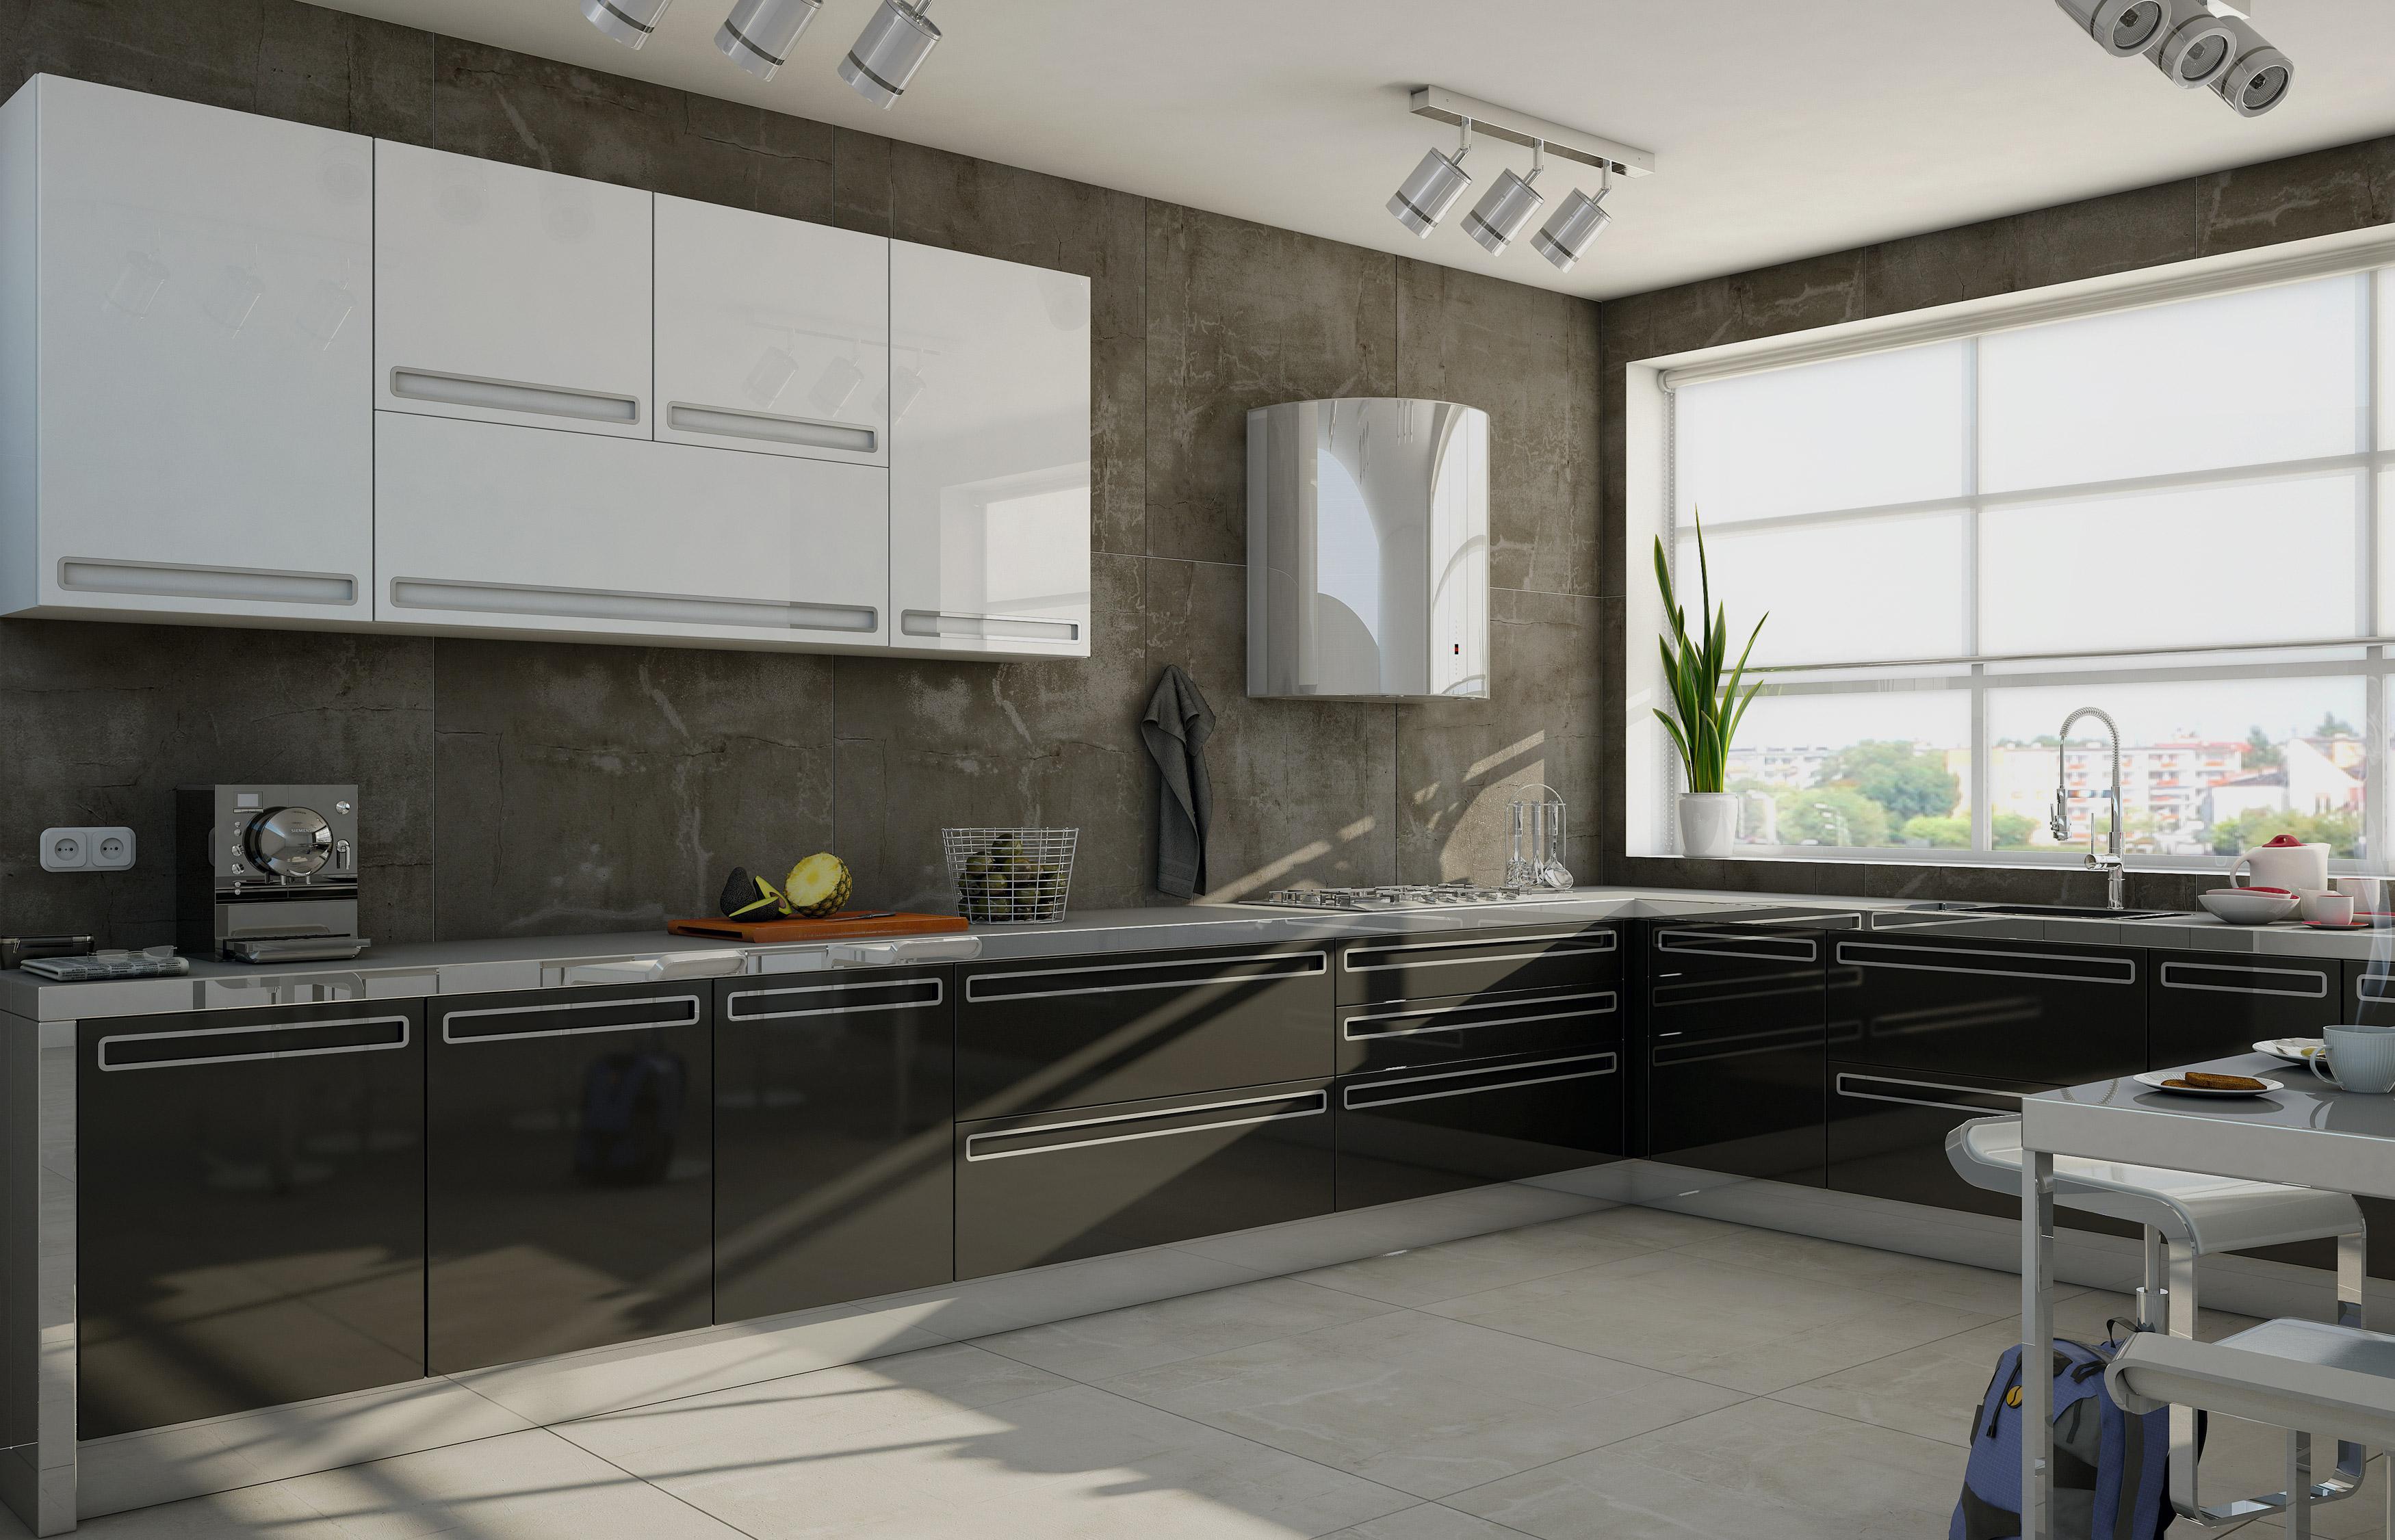 Cocinas Clásicas Archivos   Muebles de cocina y baño online en ...